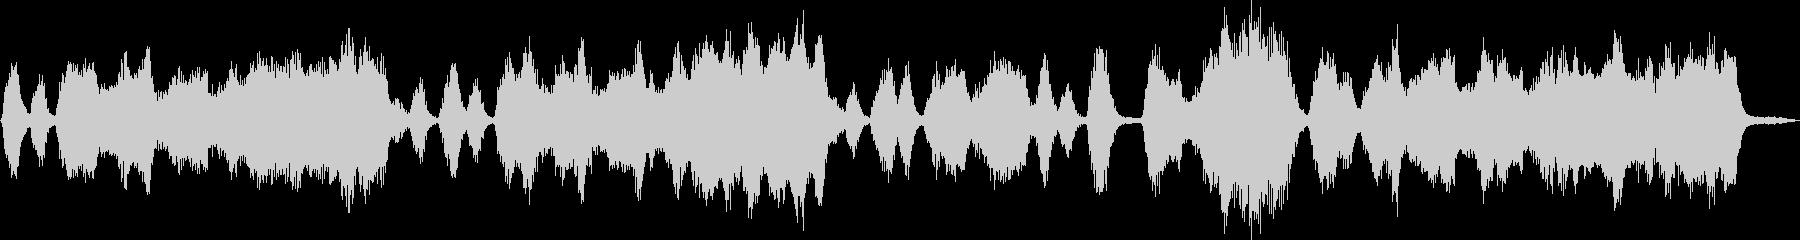 ロシア風のストリングスによるジングルの未再生の波形